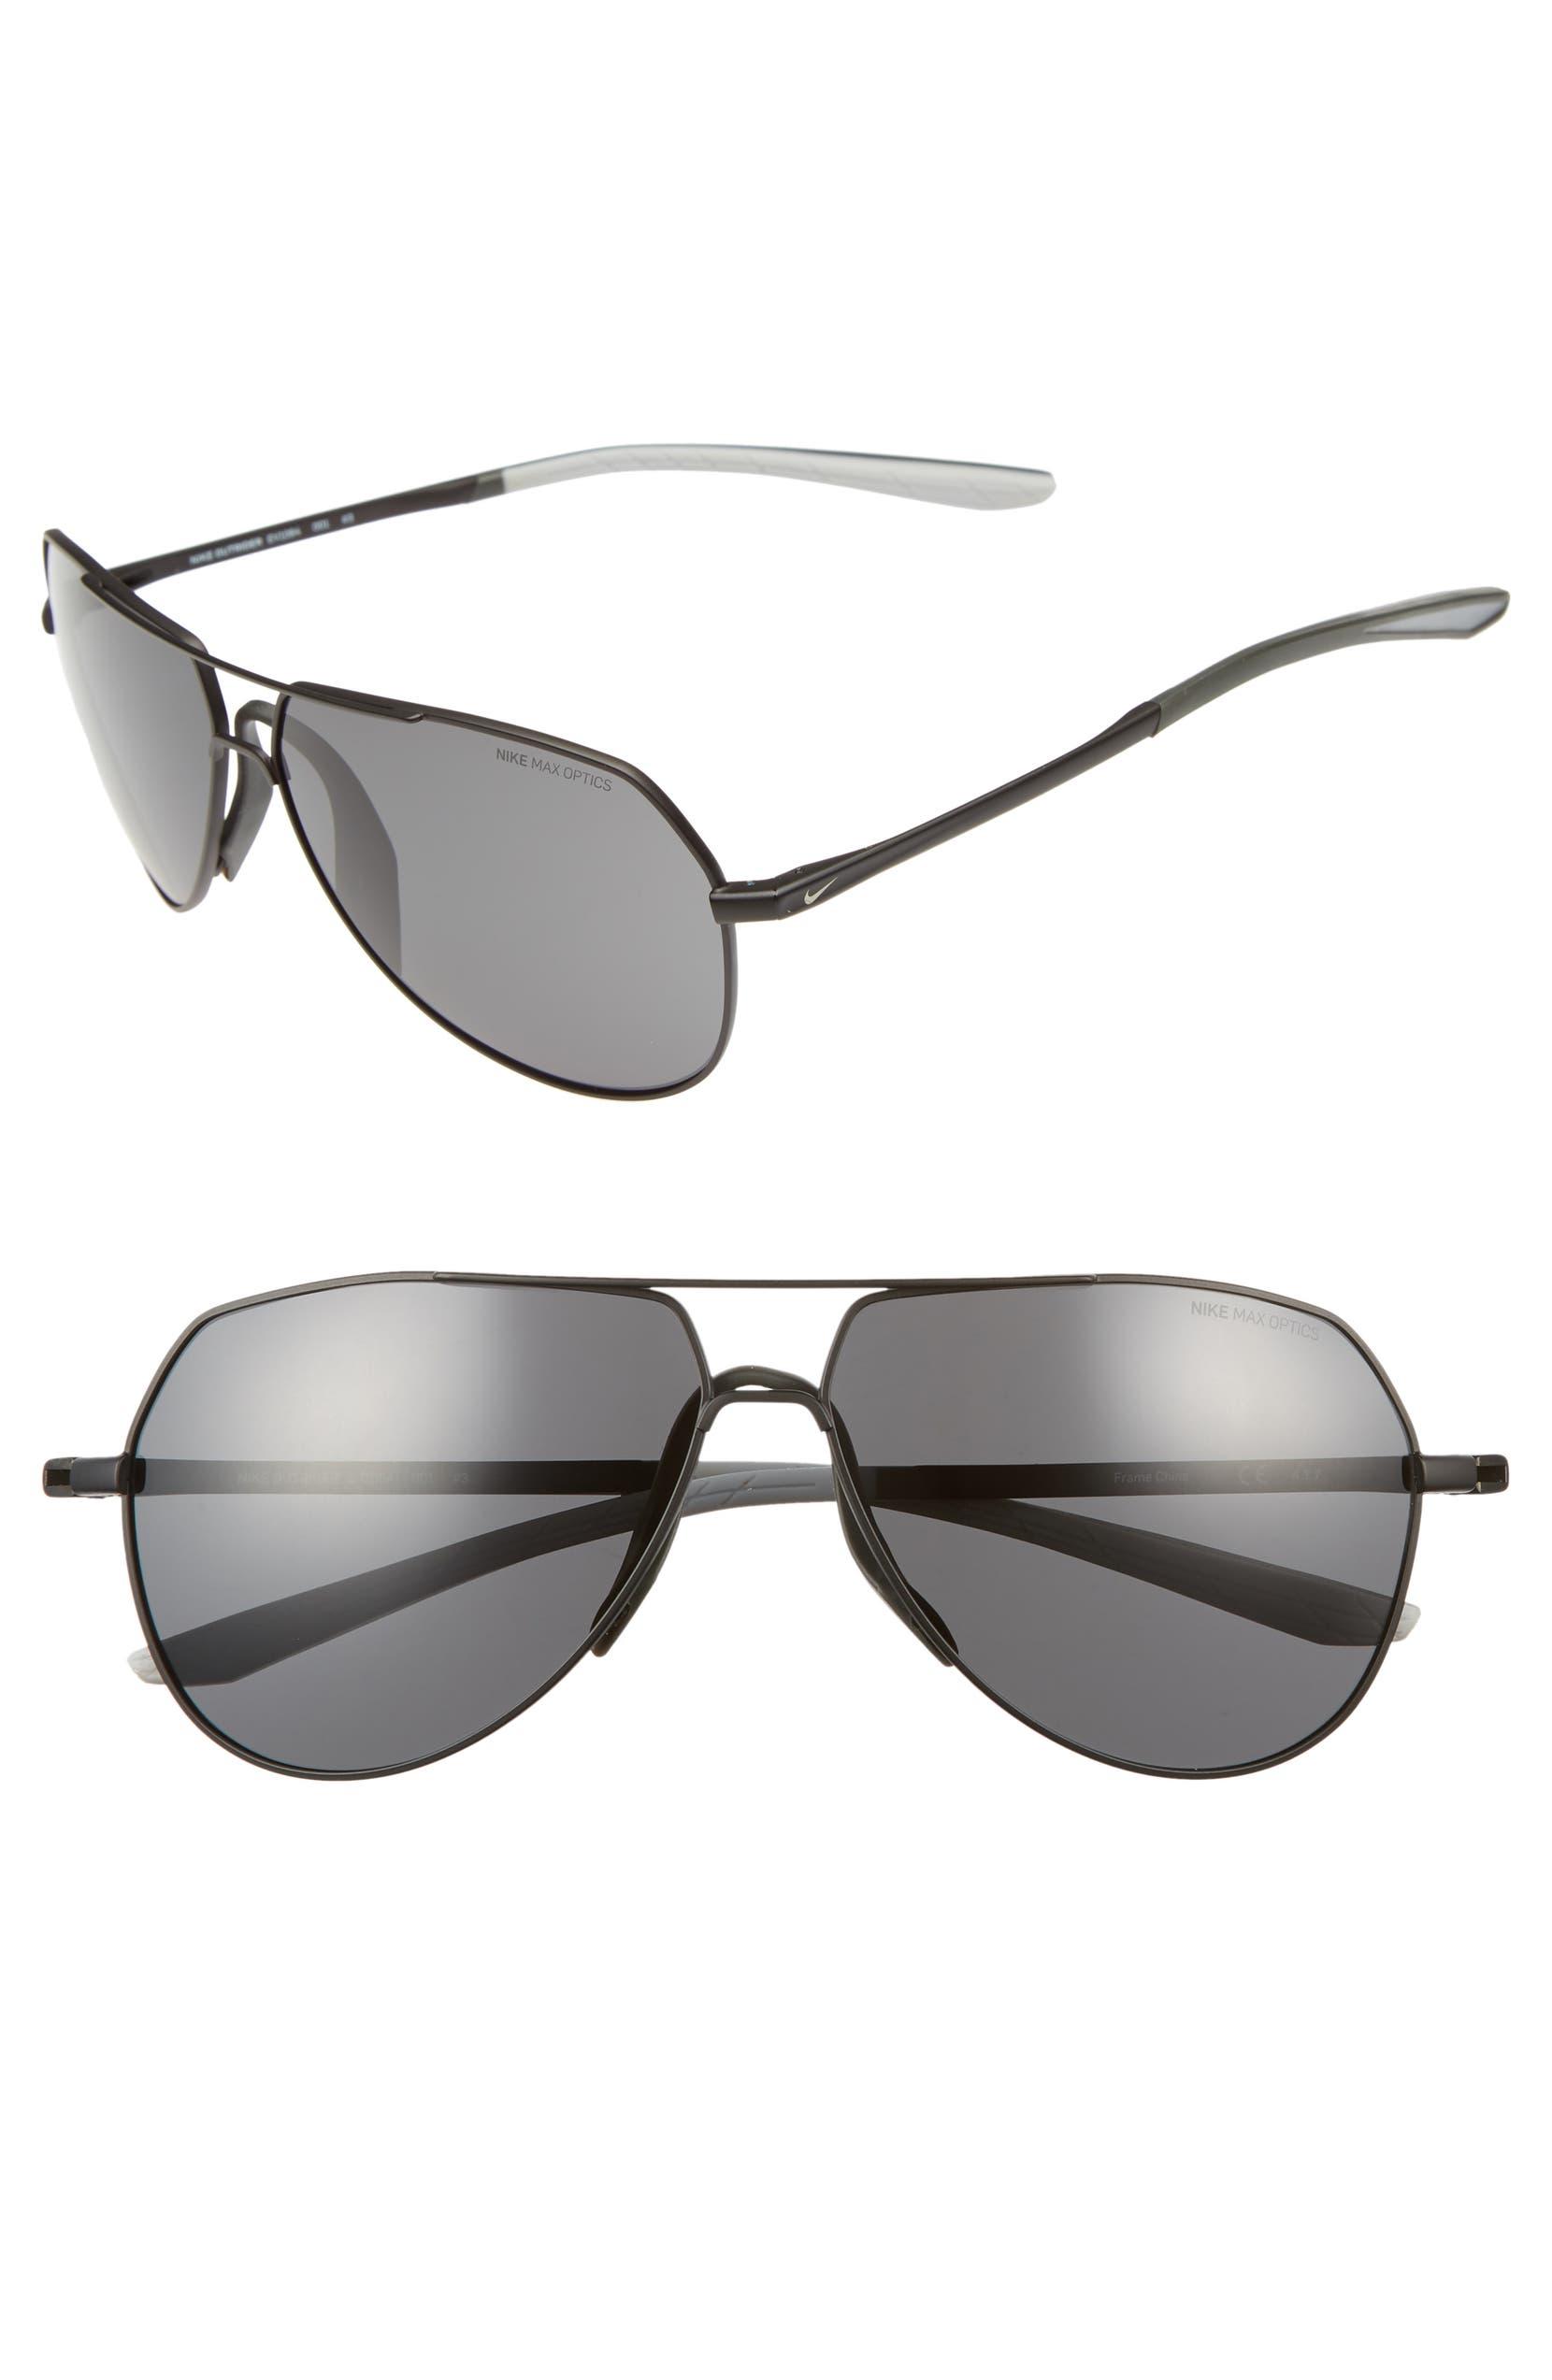 9d49da24718 Nike Outrider 62mm Oversize Aviator Sunglasses